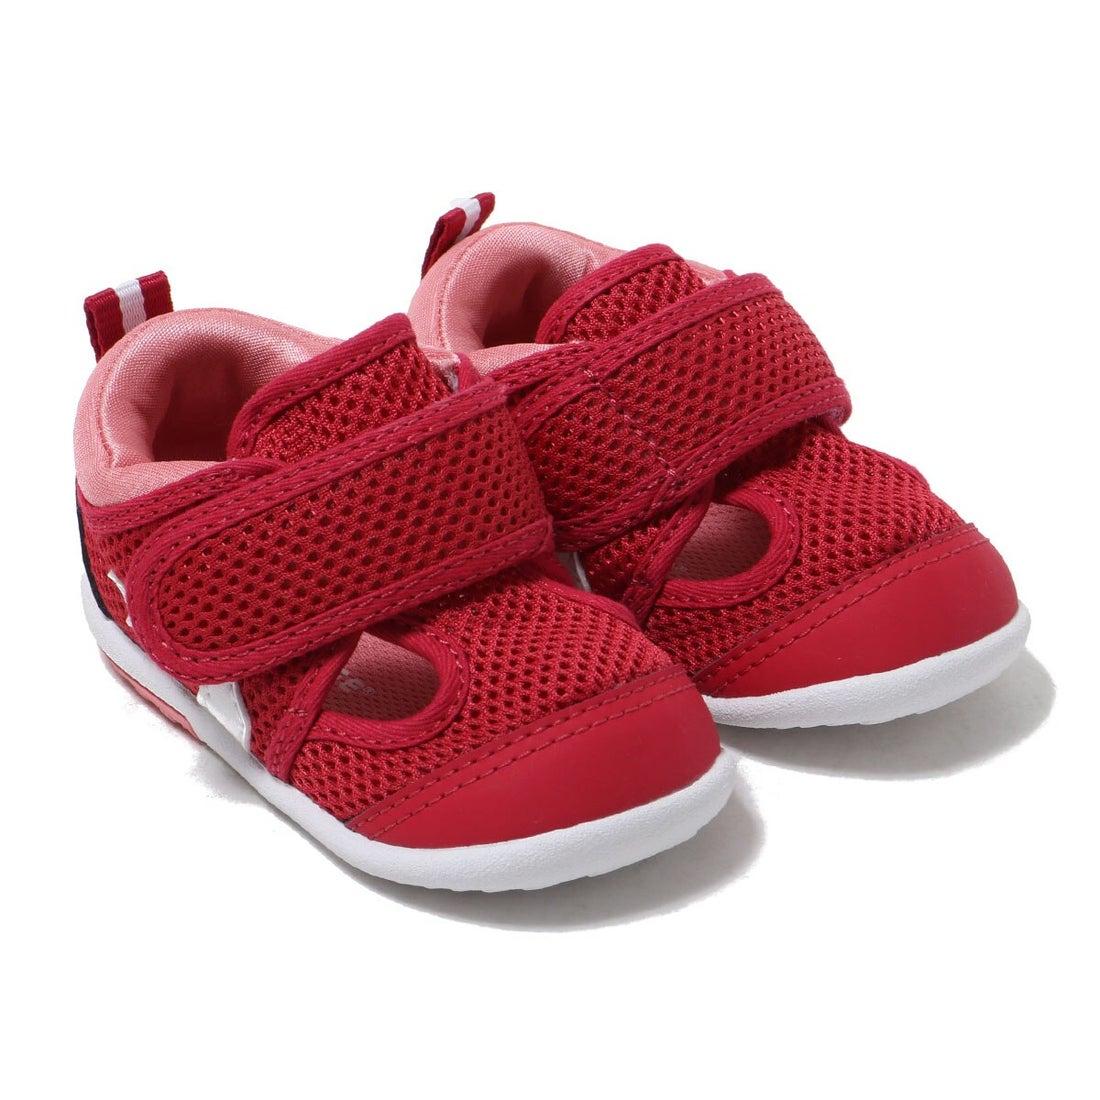 ロコンド 靴とファッションの通販サイトコンバース CONVERSE CONVERSE LITTLE SUMMER 9 (RED)